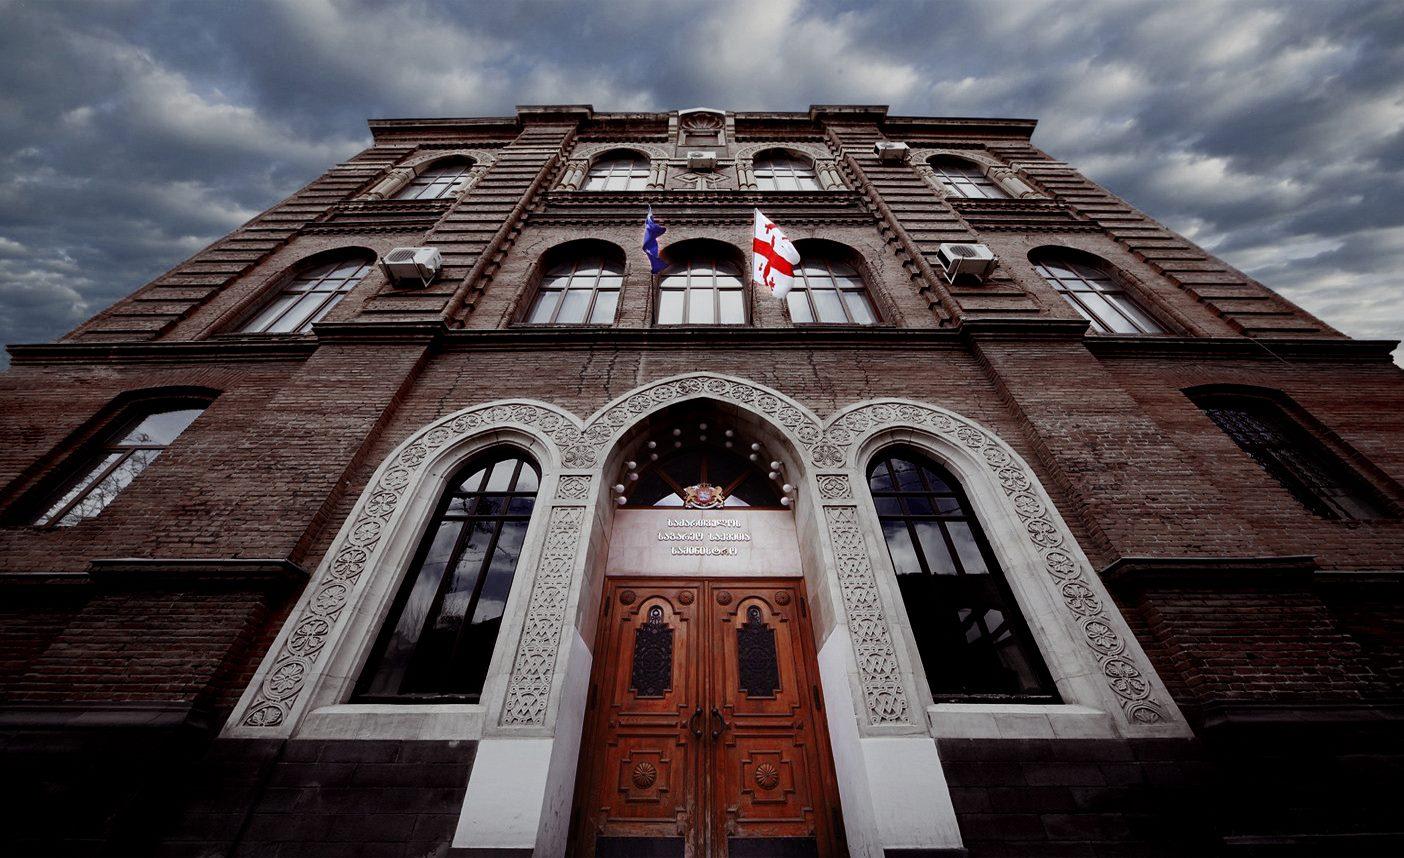 ქართული მხარე სოხუმში ლავროვის ჩასვლას პროვოკაციული პოლიტიკის გაგრძელებად მიიჩნევს